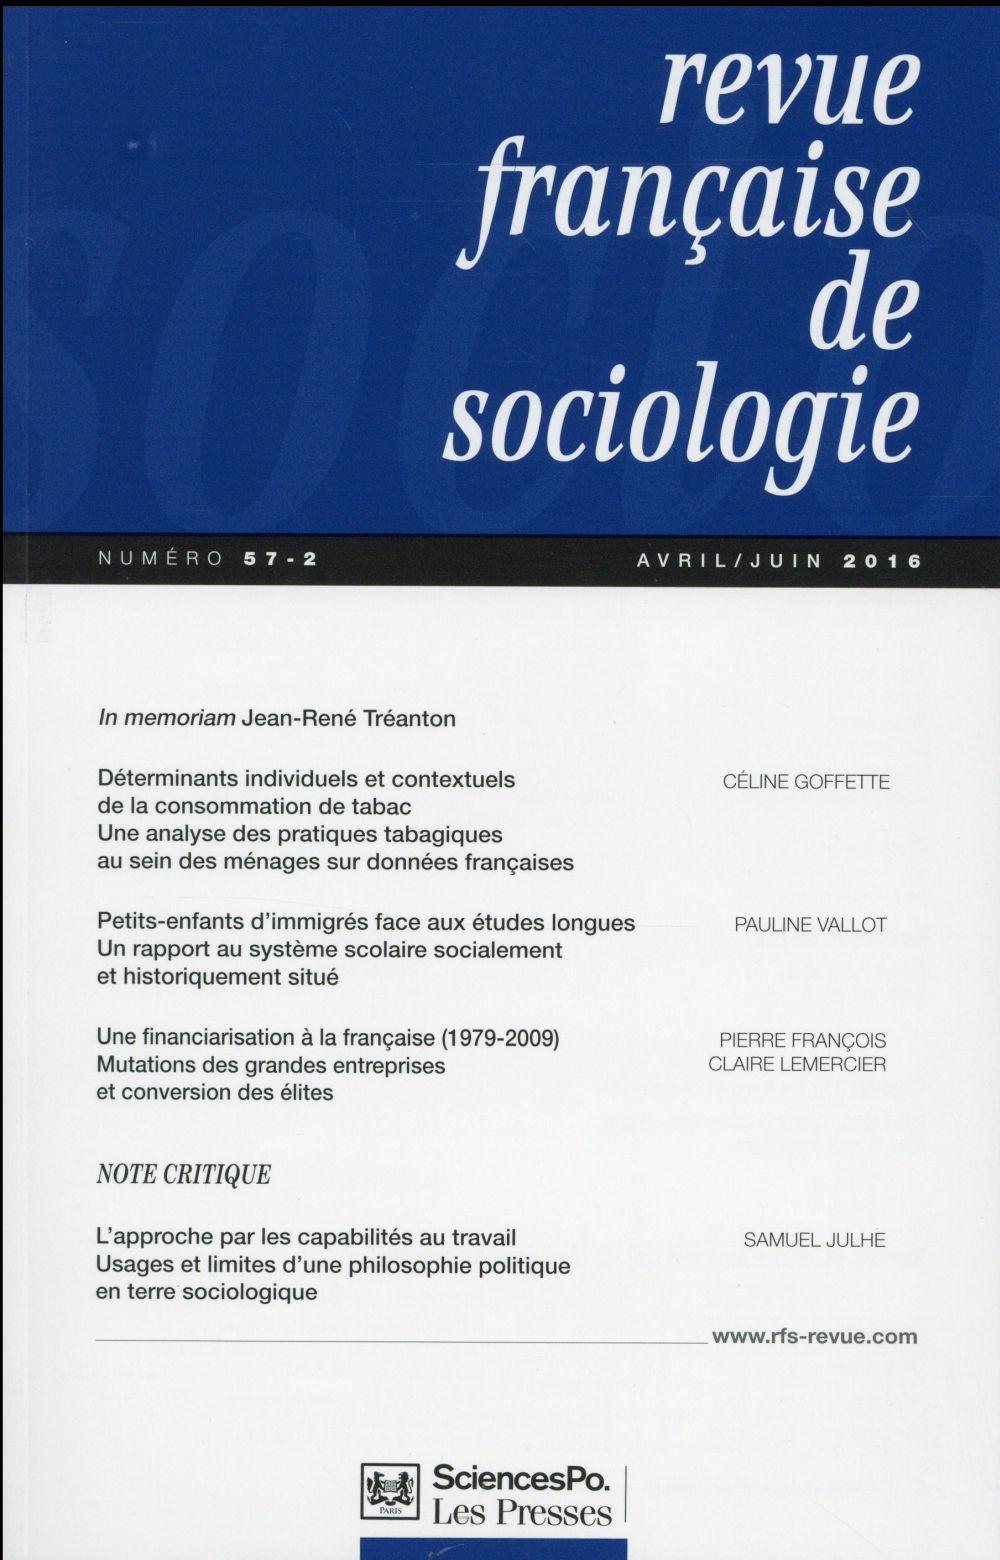 REVUE FRANCAISE DE SOCIOLOGIE 57 T2